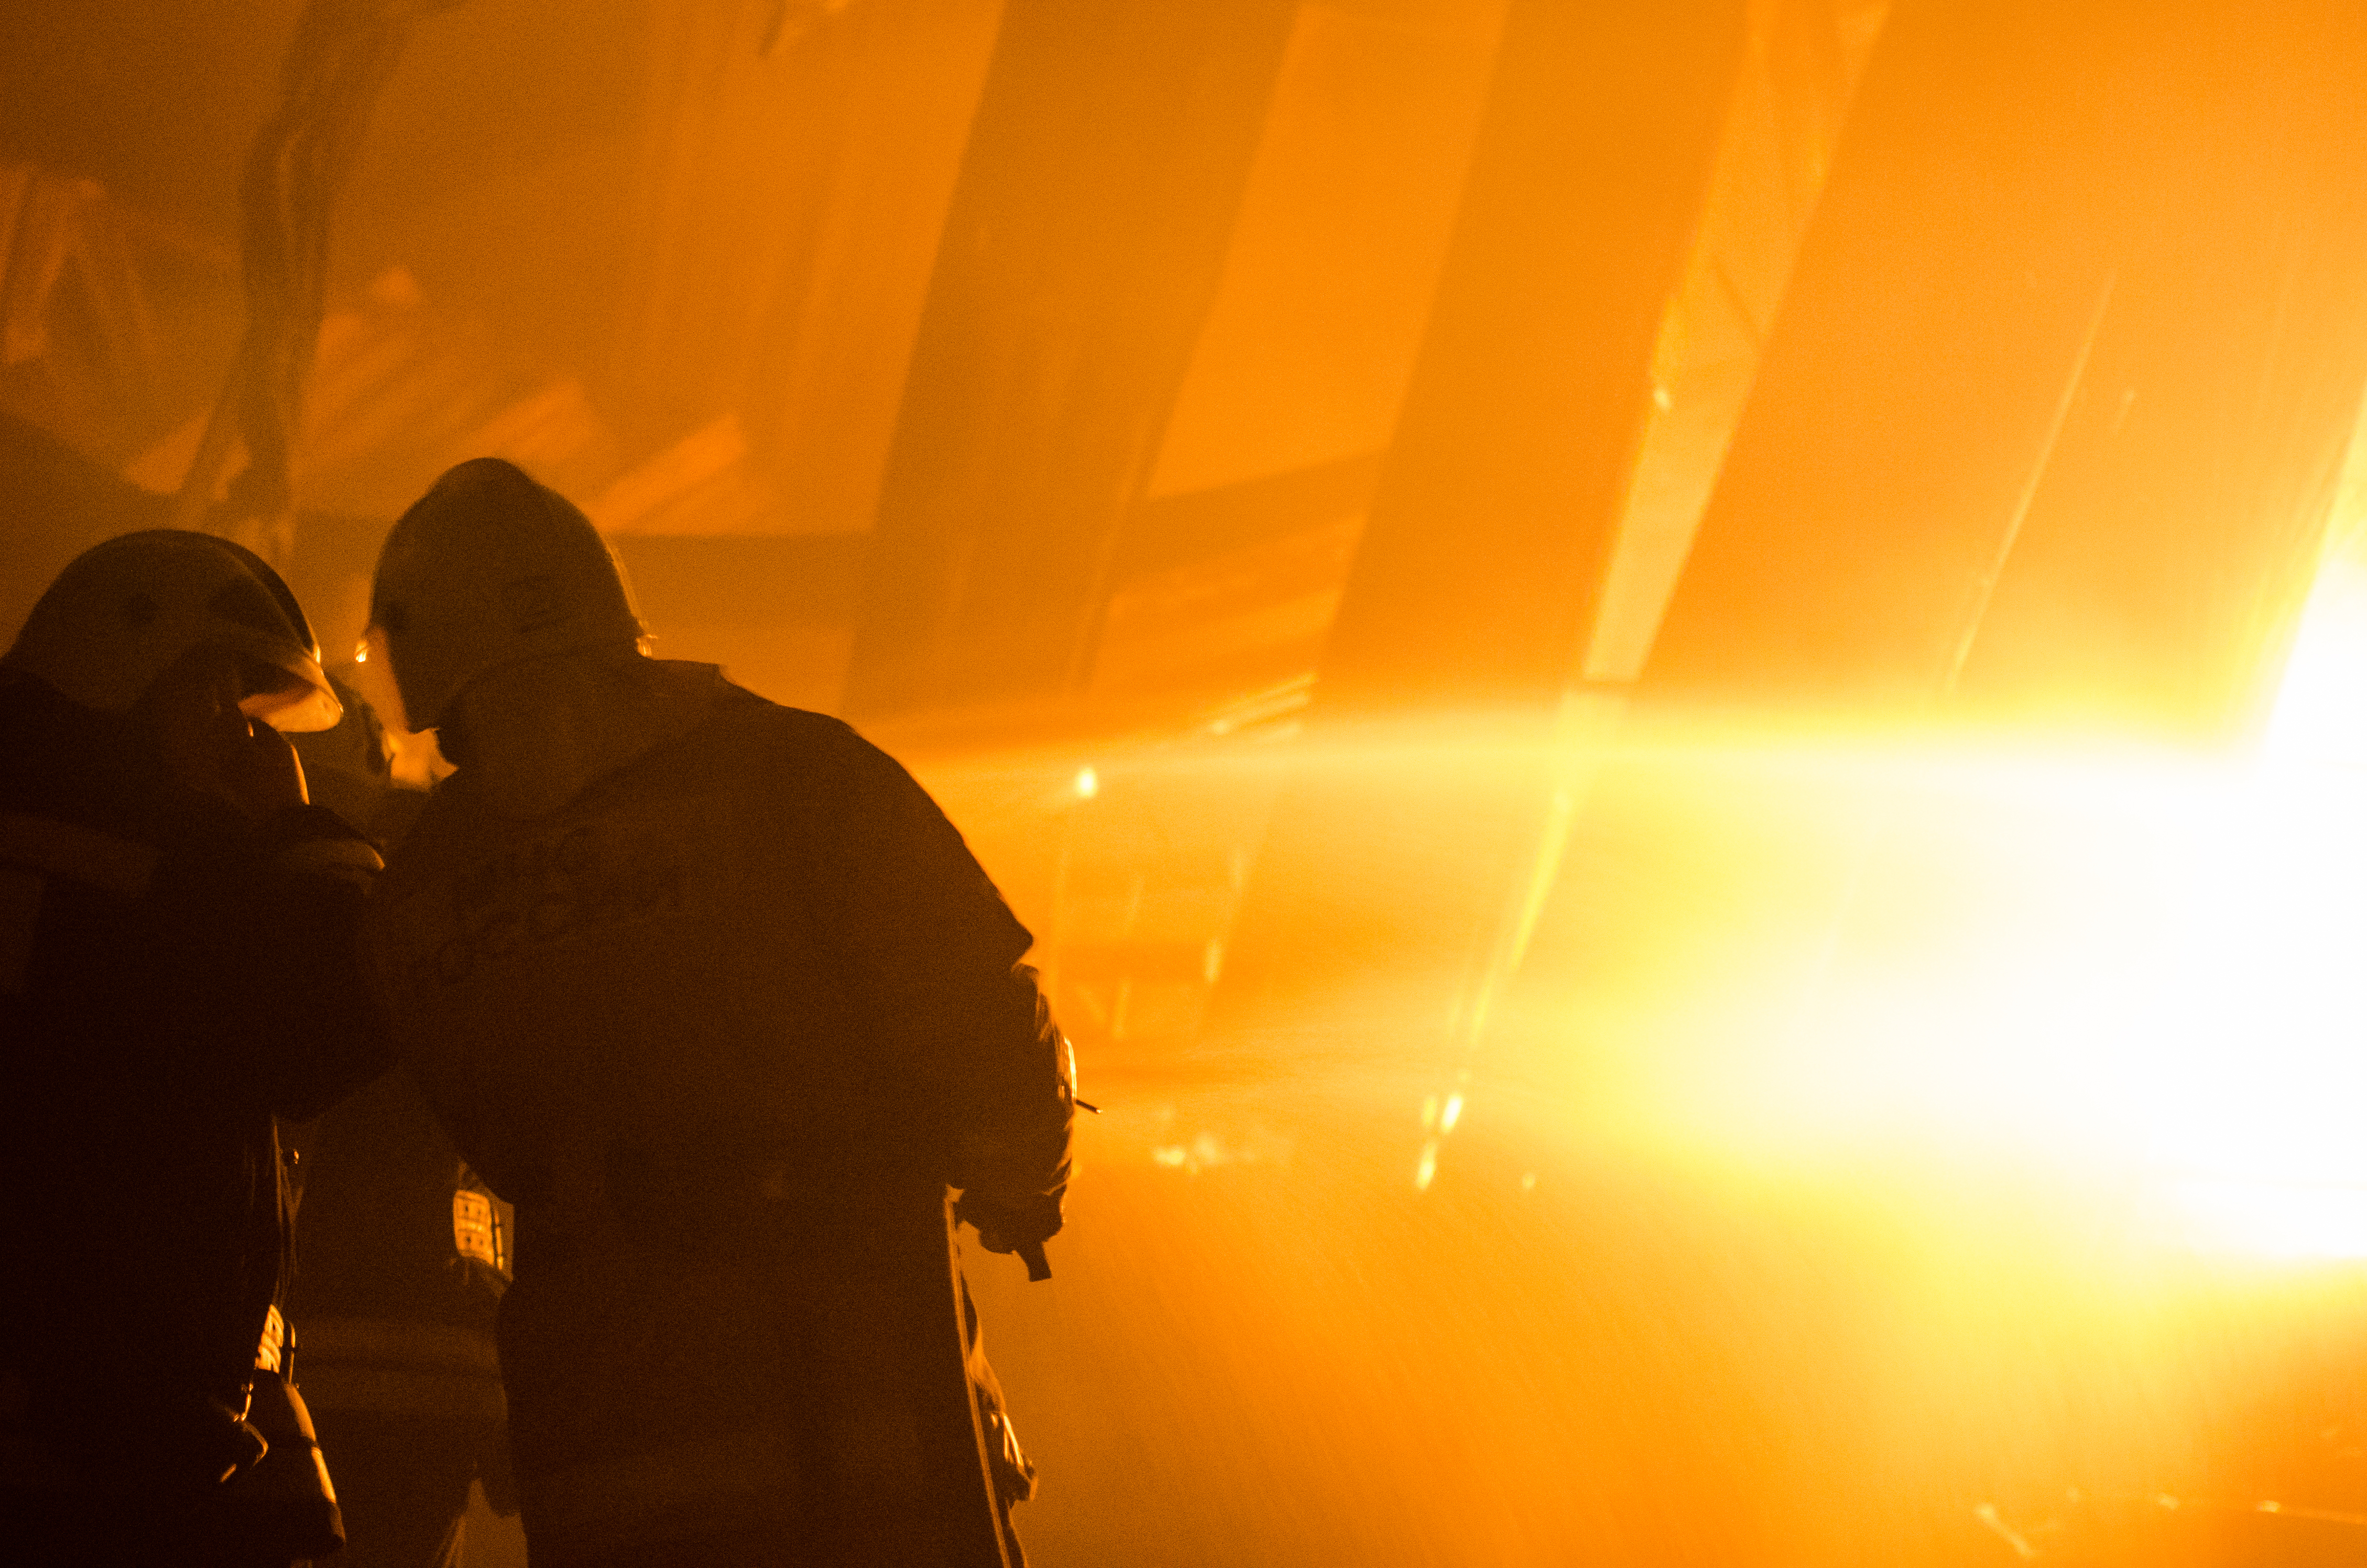 На ликвидацию пожара понадобилось больше часа.